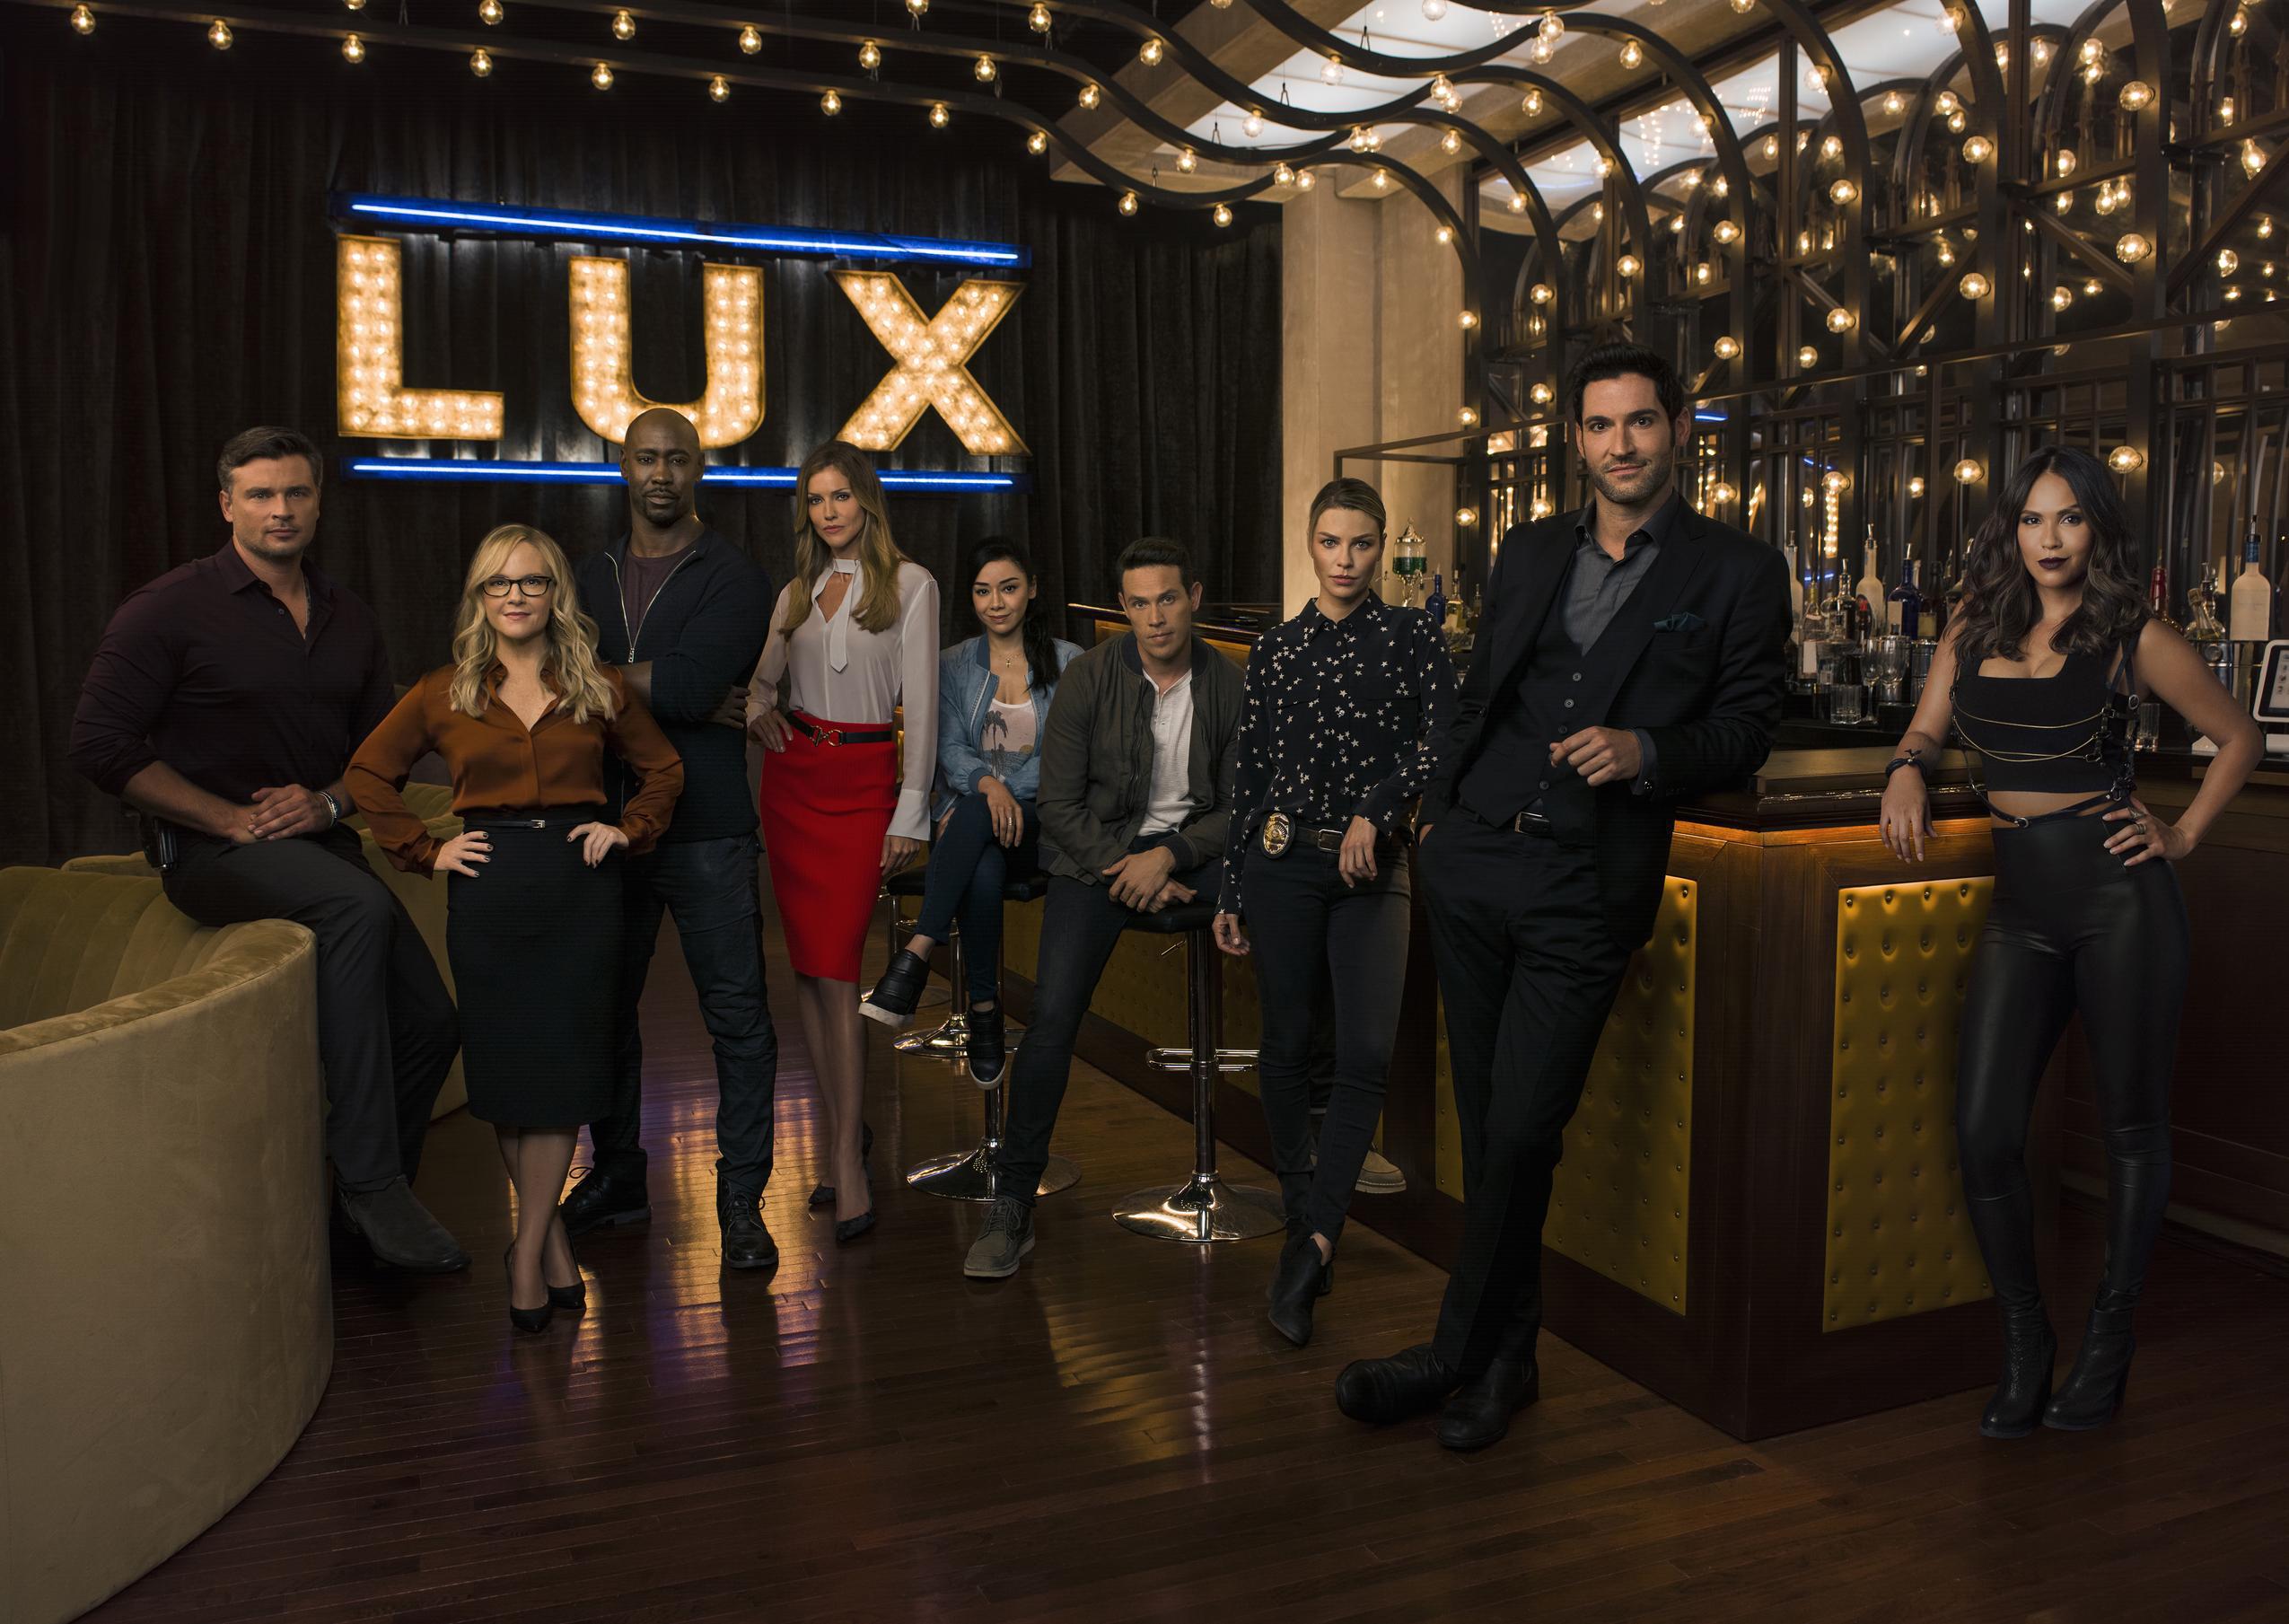 Lucifer - Season 3 - Cast Portrait